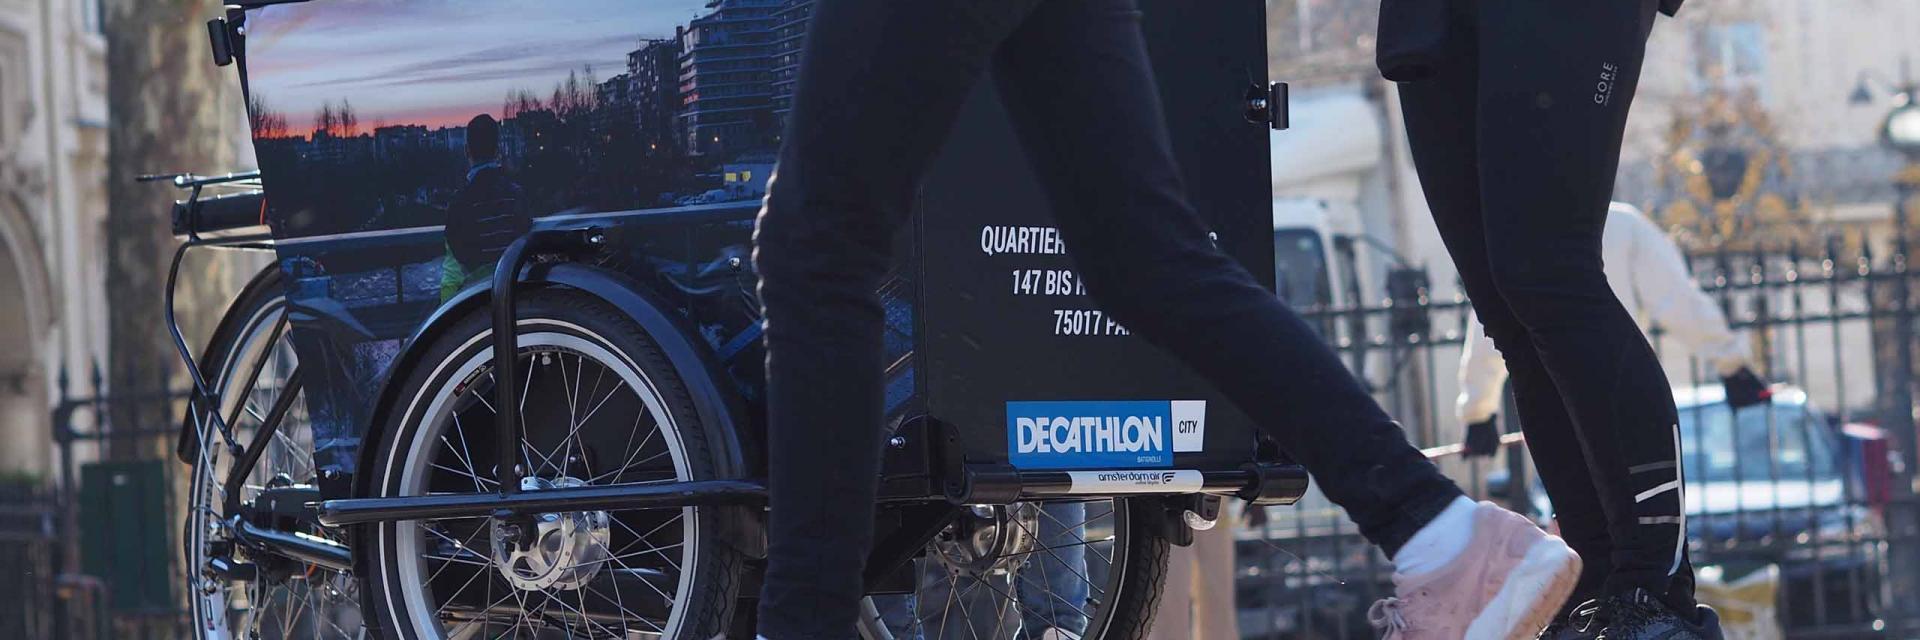 Une opération de street-marketing avec un triporteur buvette.